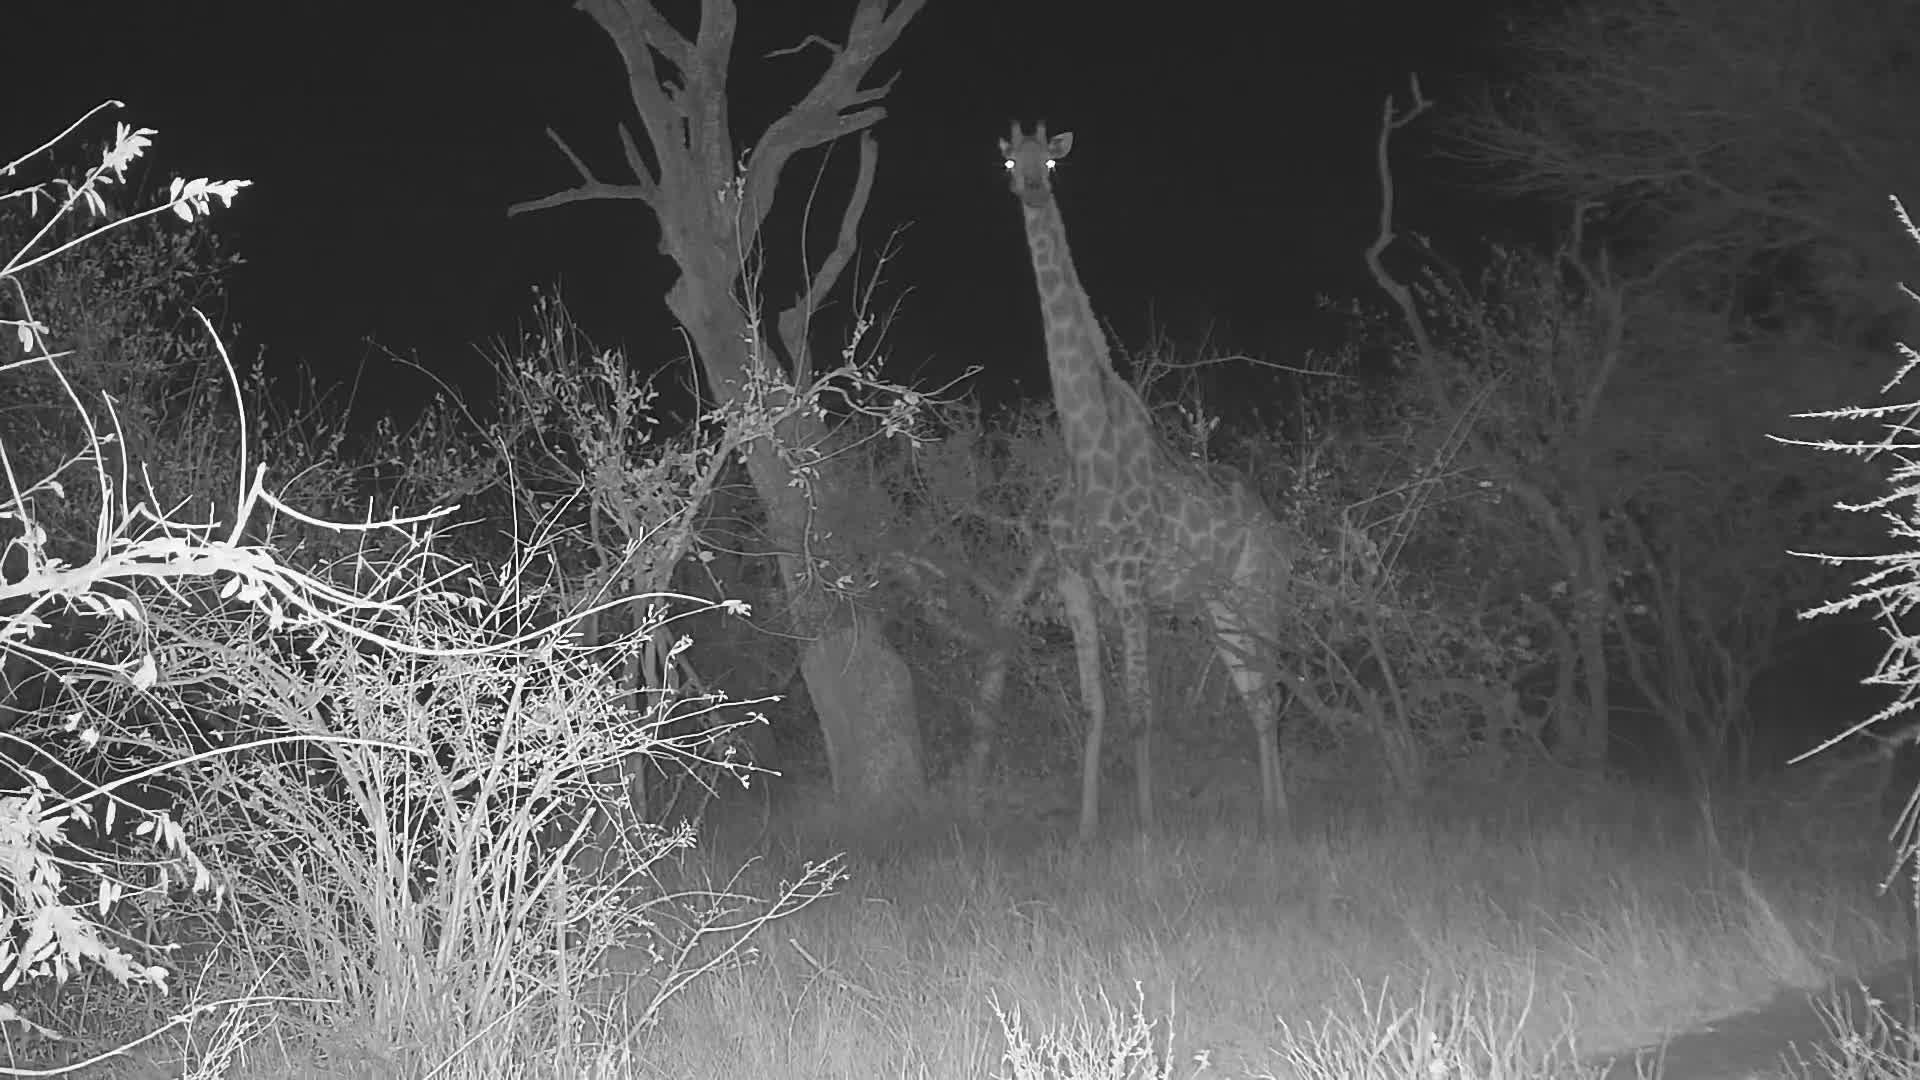 VIDEO: Giraffe close up at pan